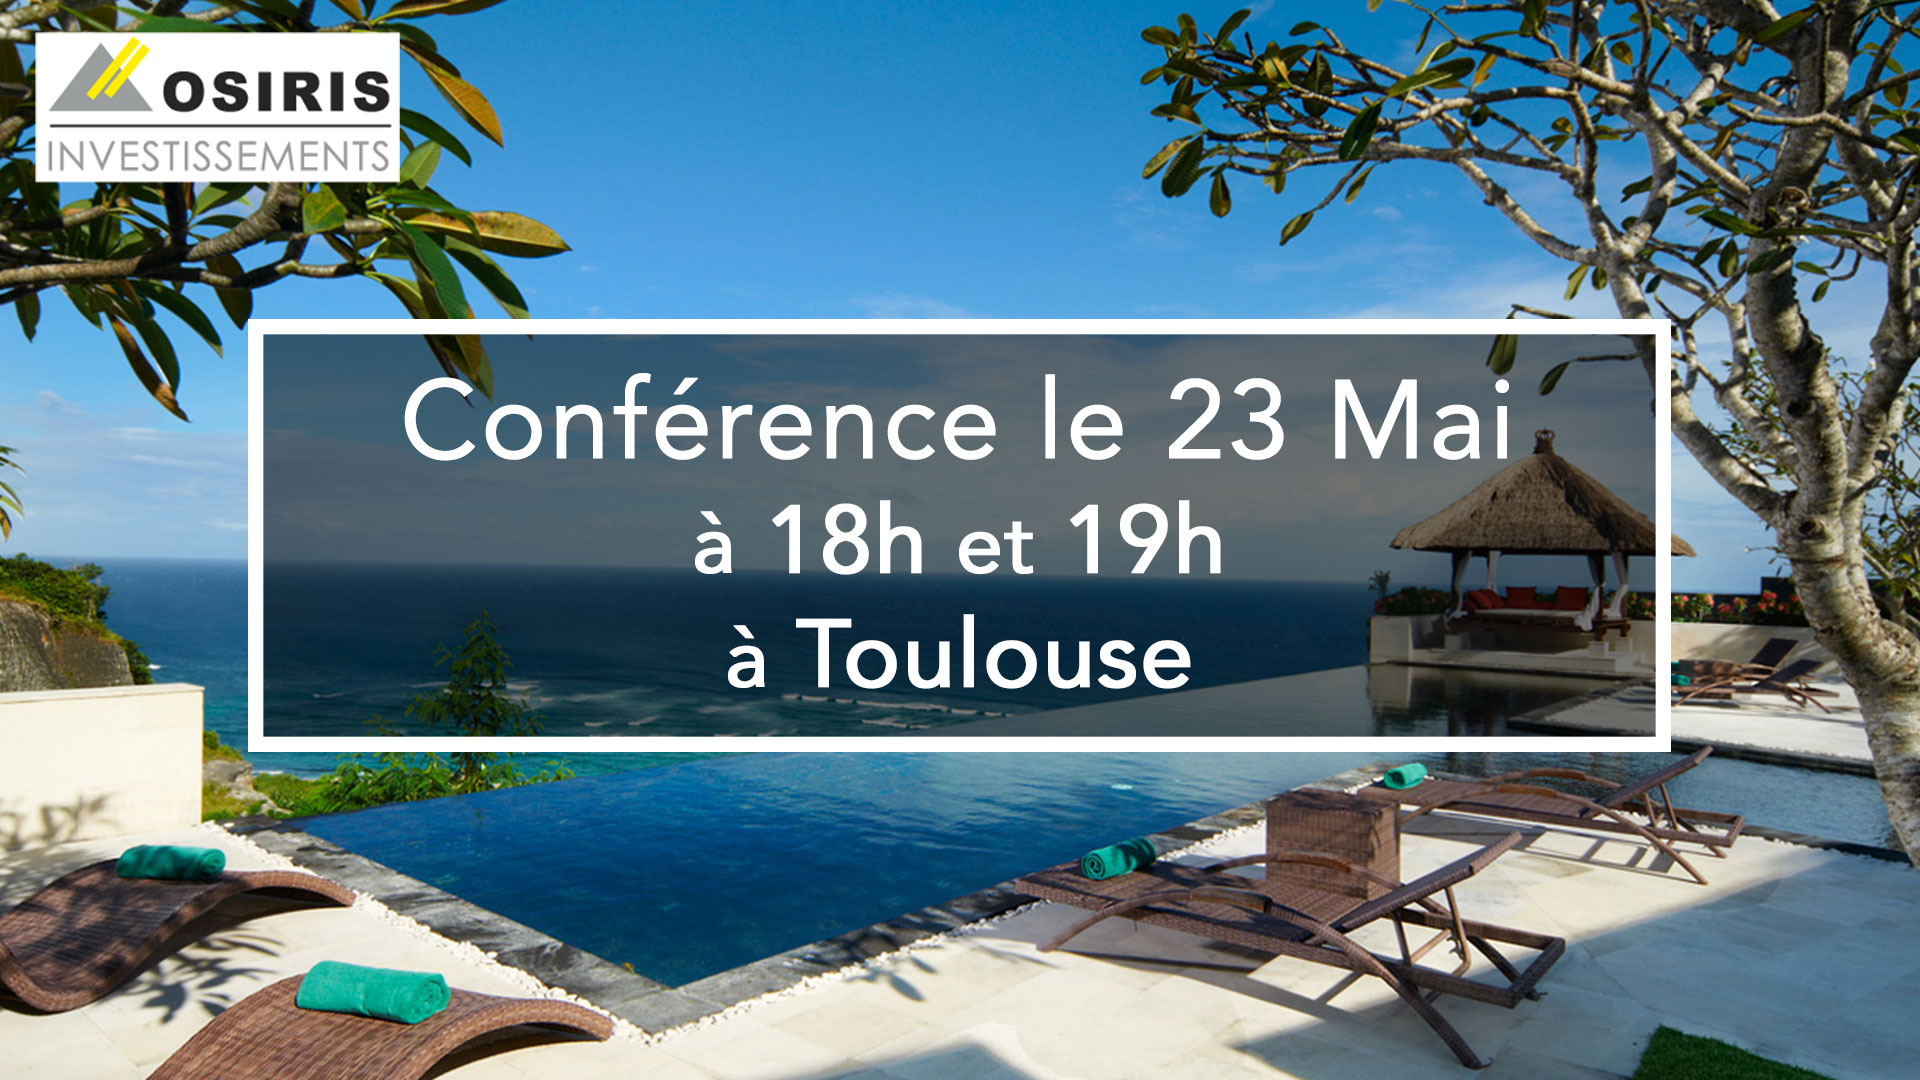 Conférence le 23 Mai 2018 à Toulouse